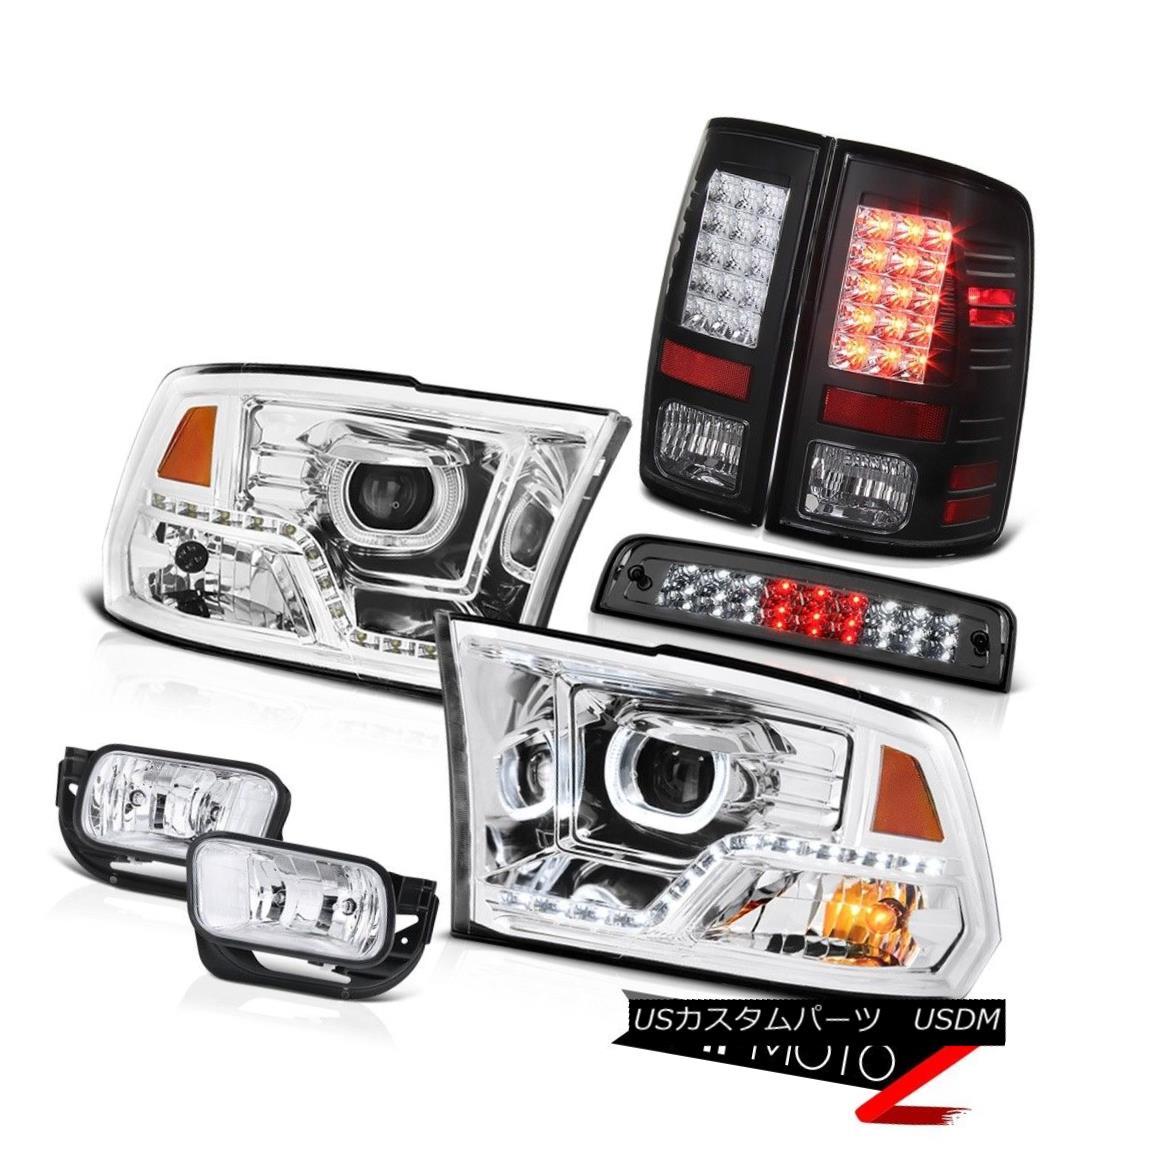 【初売り】 テールライト 09 10 11-18 Tail Dodge RAM テールライト 2500 3500 Light Headlight Fog Lamp Brake Lights Tail Light PAIR 09 10 11-18 Dodge RAM 2500 3500ヘッドライトフォグランプブレーキライトテールライトPAIR, クマグン:72f56a52 --- pavlekovic.hr